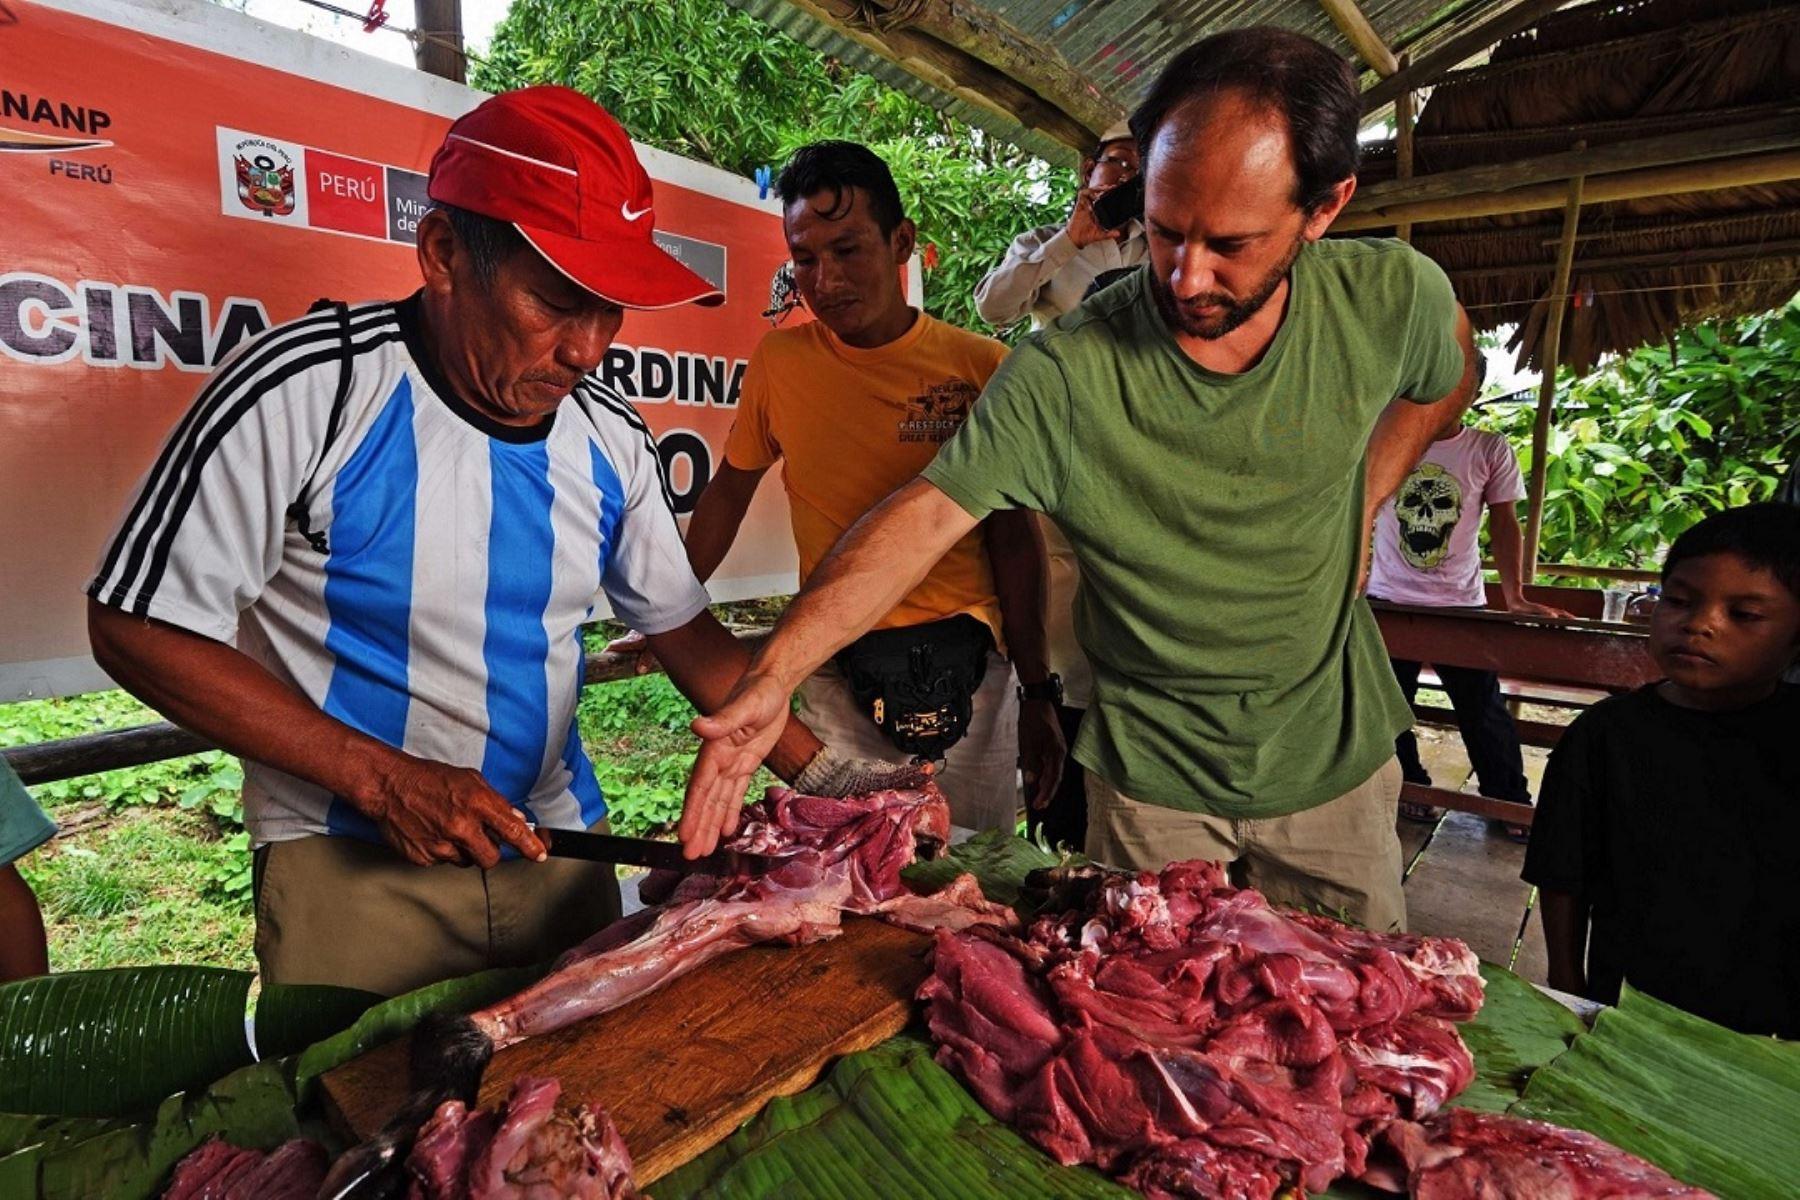 """Con el objetivo de promover un modelo de aprovechamiento sostenible de la carne de monte por parte de las poblaciones locales, el Servicio Nacional de Áreas Naturales Protegidas por el Estado (Sernanp), en sinergia con el reconocido chef Pedro Miguel Schiaffino, lanzaron la iniciativa """"Conservación, Cultura y Cocina Amazónica""""."""